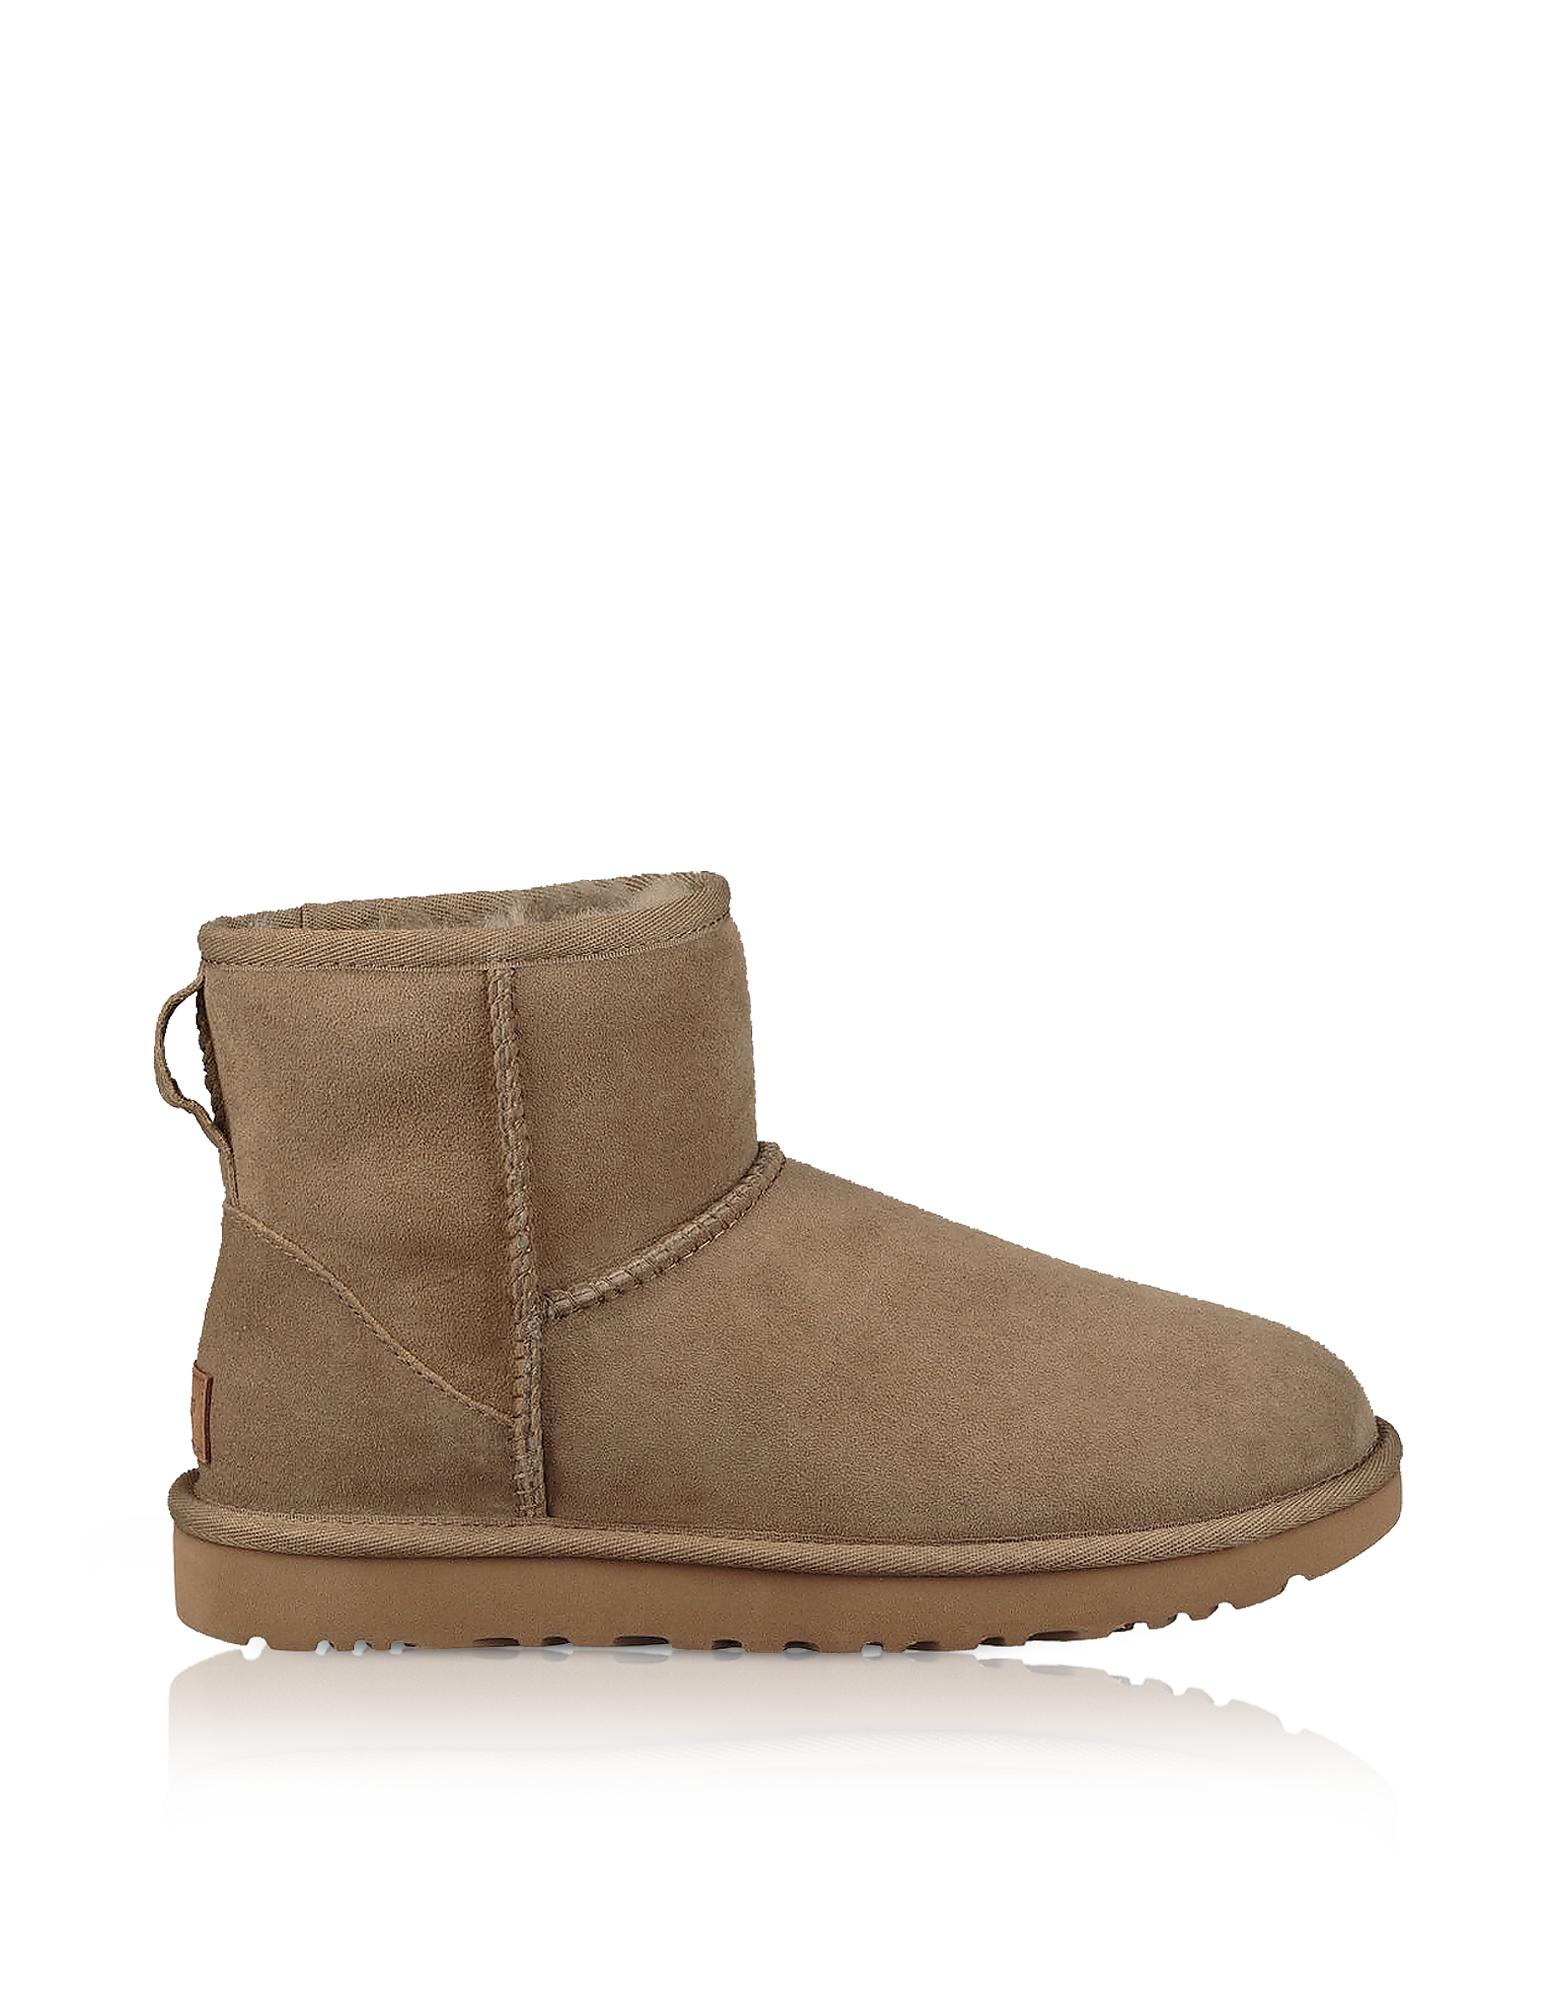 UGG Shoes, Antilope Classic Mini II Boots